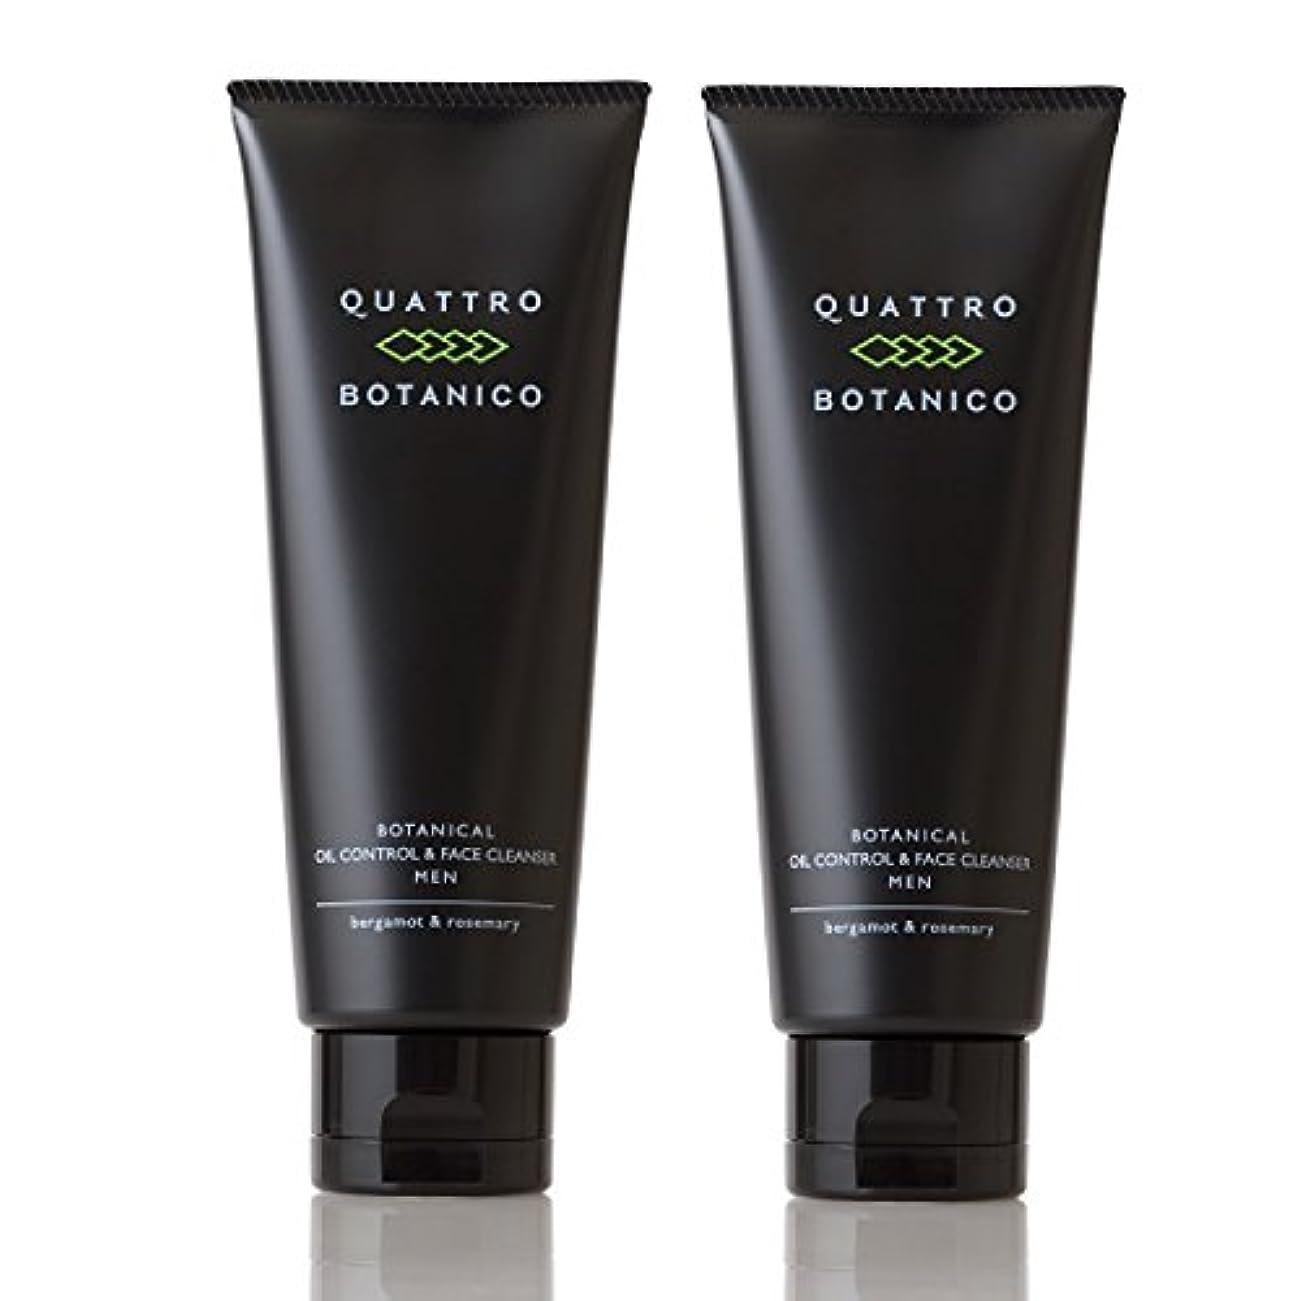 くびれた熱心書き込みクワトロボタニコ (QUATTRO BOTANICO) 【 メンズ 洗顔 】 ボタニカル オイルコントロール & フェイスクレンザー (男性 スキンケア) 《お得な2本セット》 120g × 2本